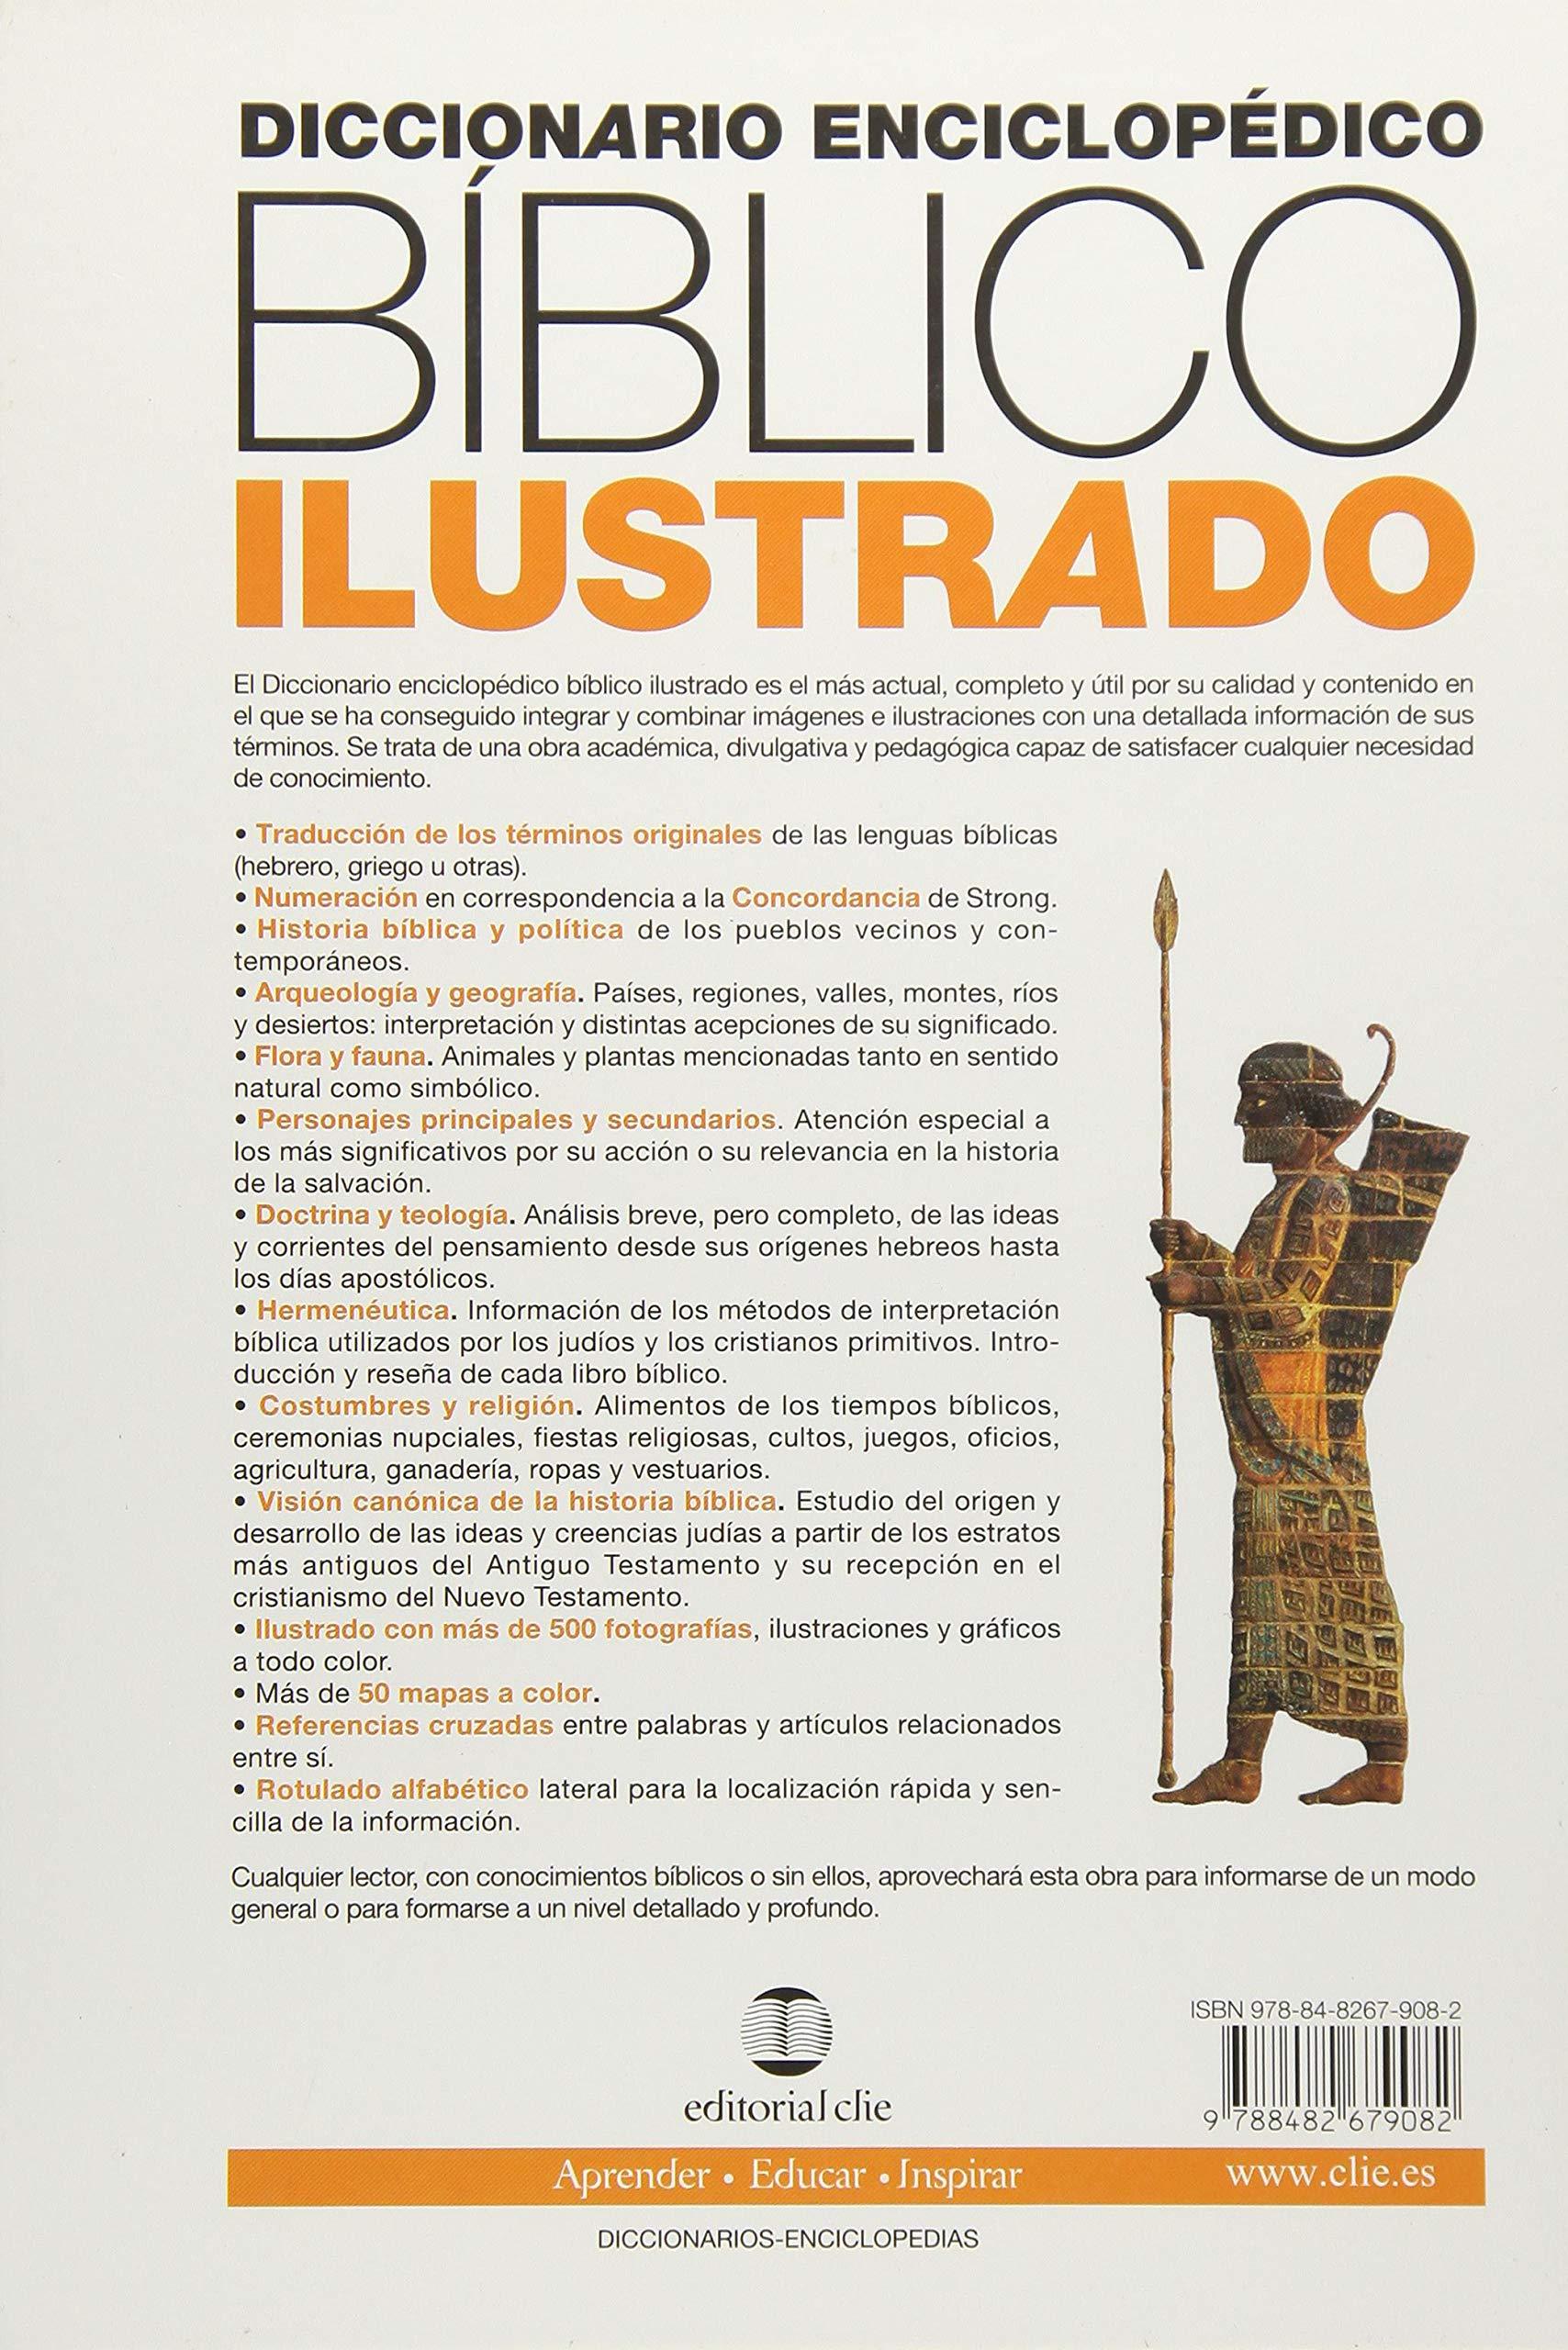 Diccionario enciclopédico bíblico ilustrado (Spanish Edition): Alfonso  Ropero: 9788482679082: Amazon.com: Books